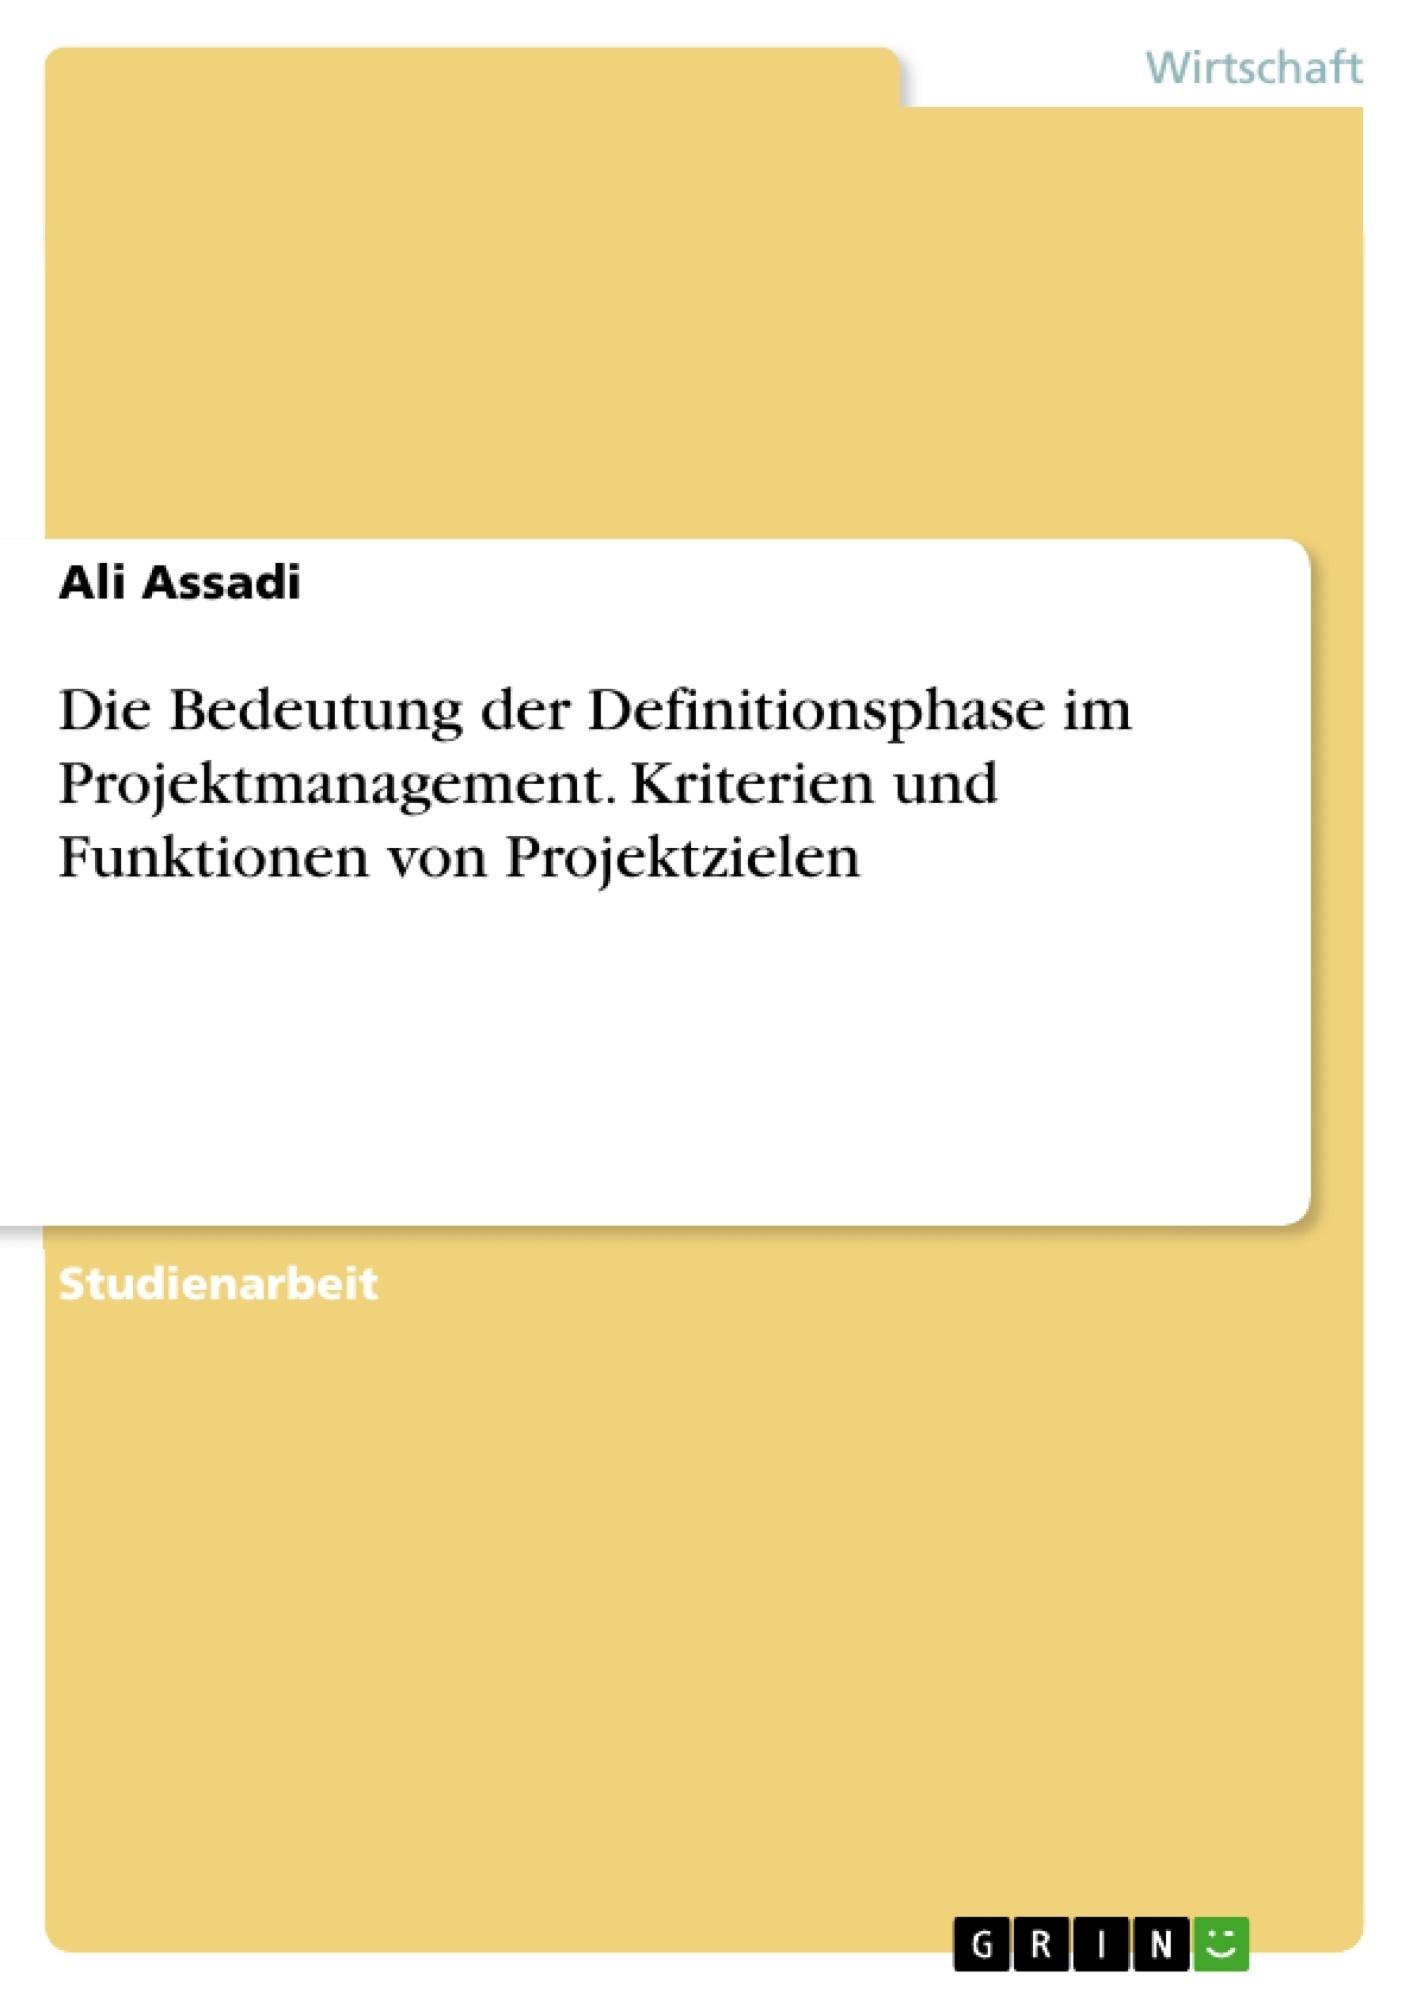 Titel: Die Bedeutung der Definitionsphase im Projektmanagement. Kriterien und Funktionen von Projektzielen